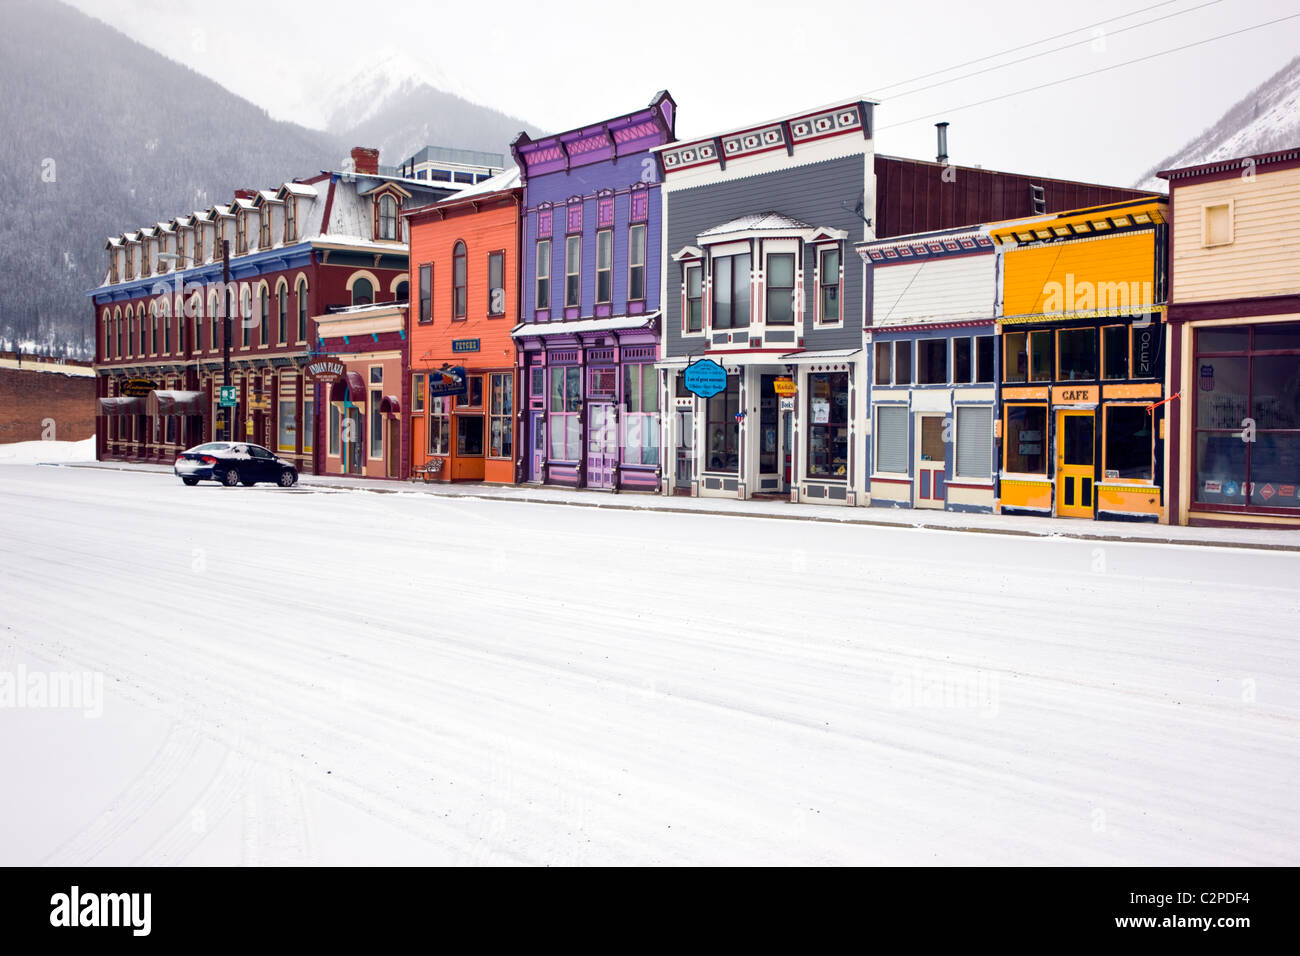 Vista invernale di architettura vittoriana, storica Silverton, Colorado, una vecchia città mineraria. Immagini Stock